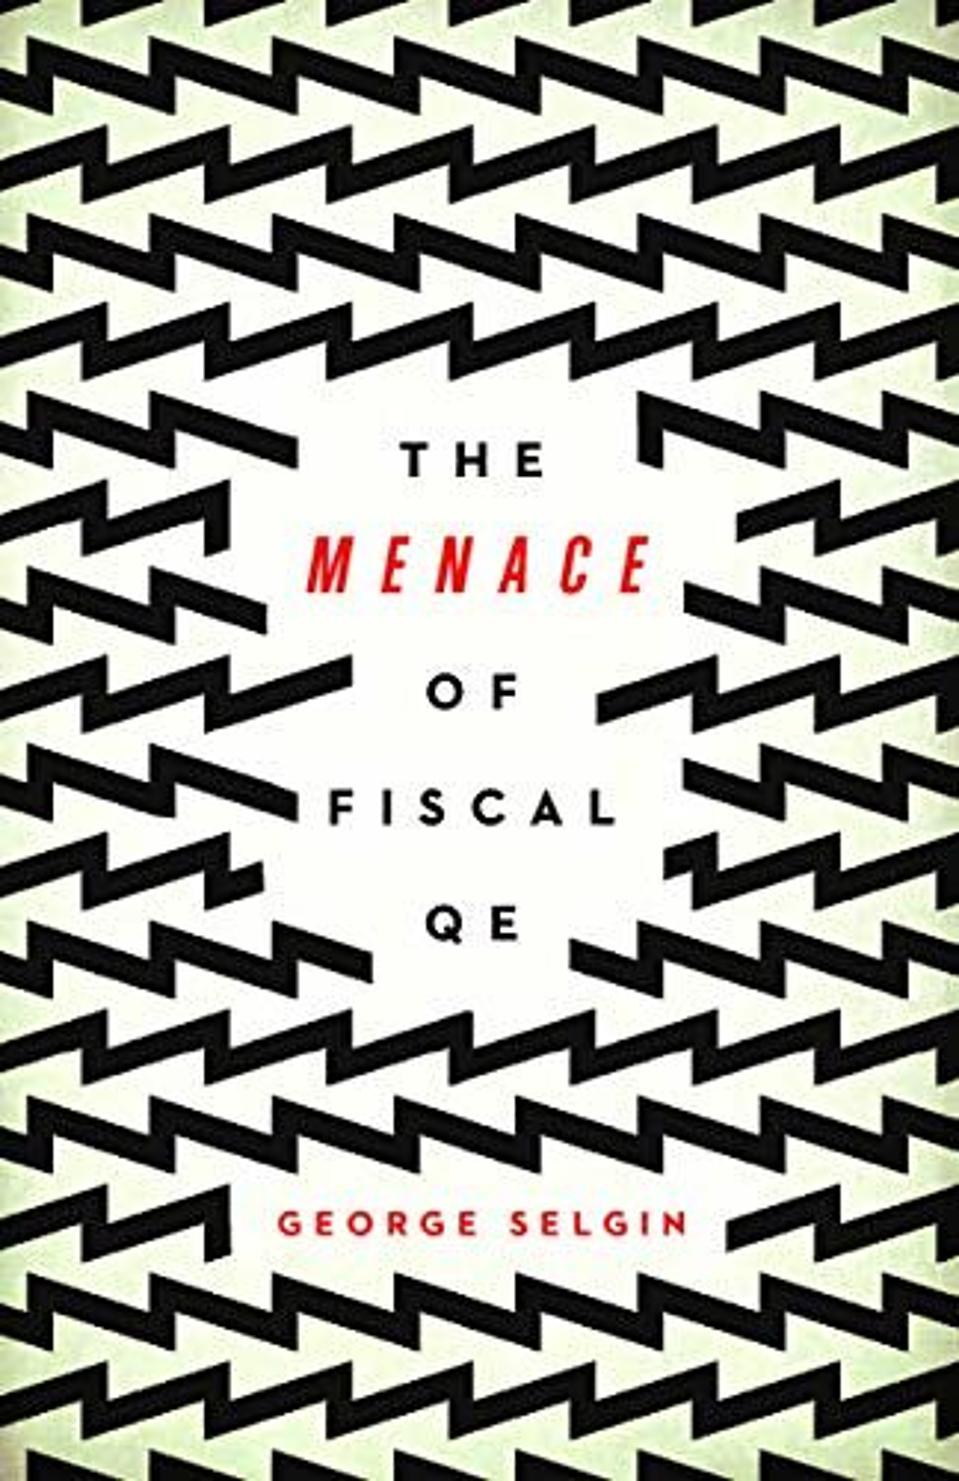 fiscal QE book